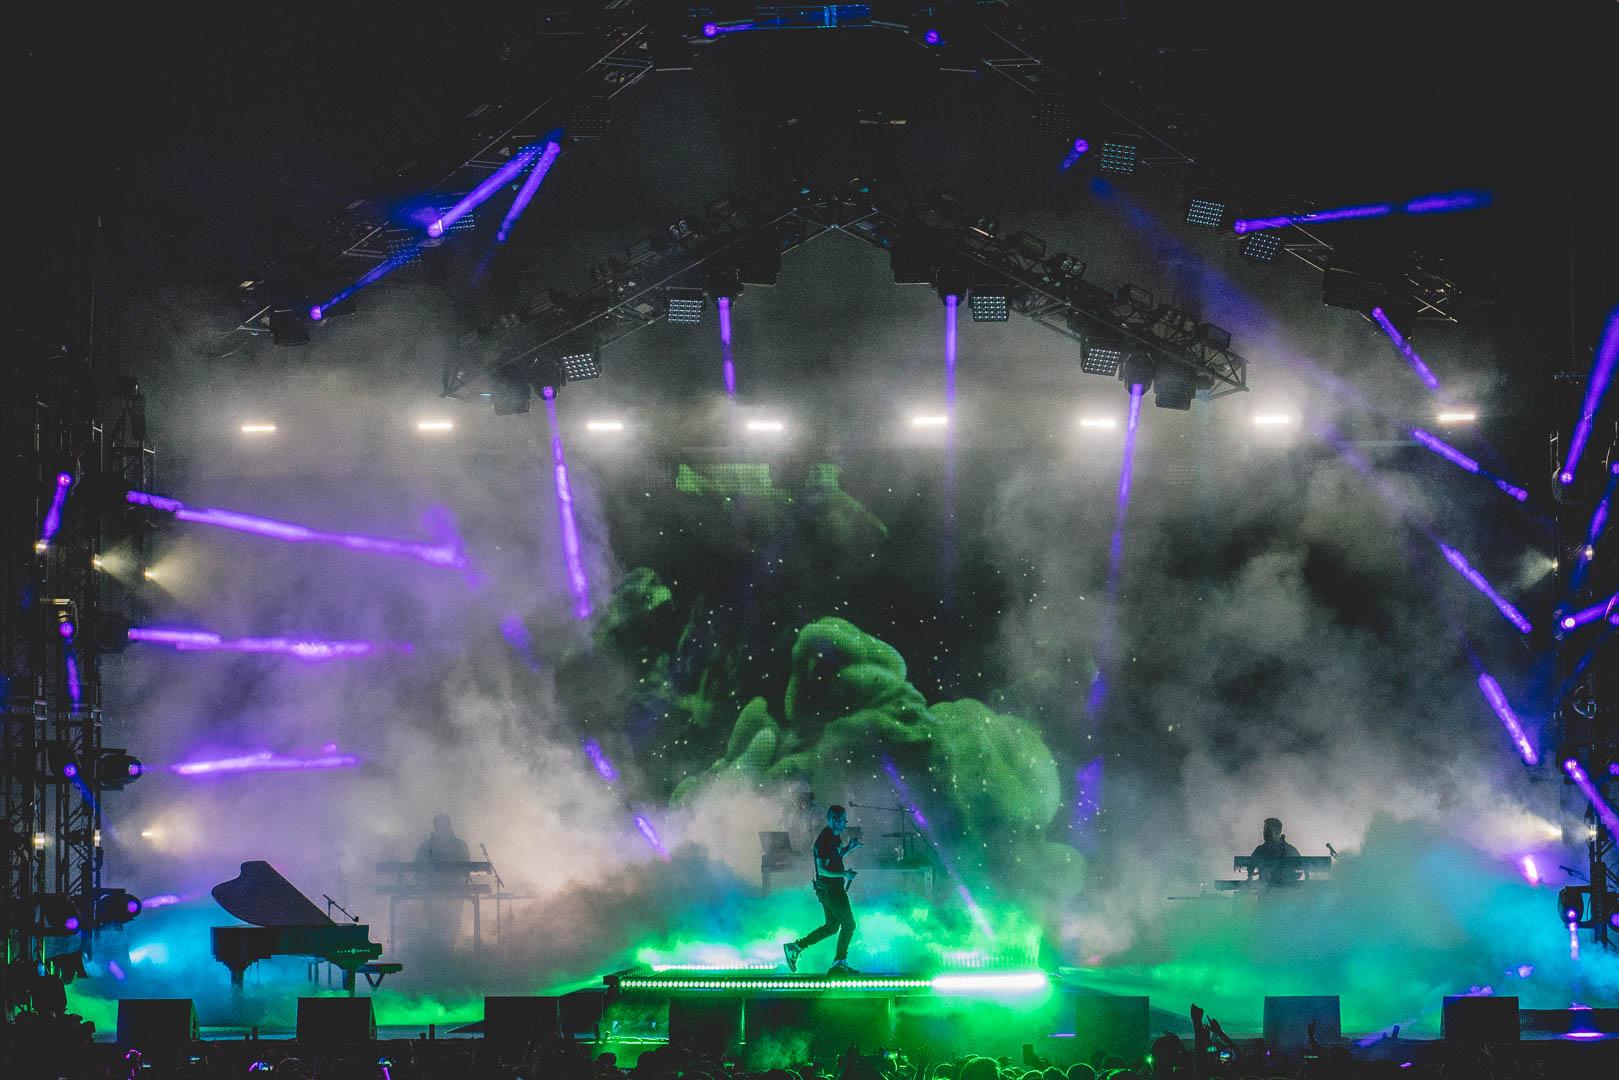 VE_Logic_BTvE Tour-32.jpg